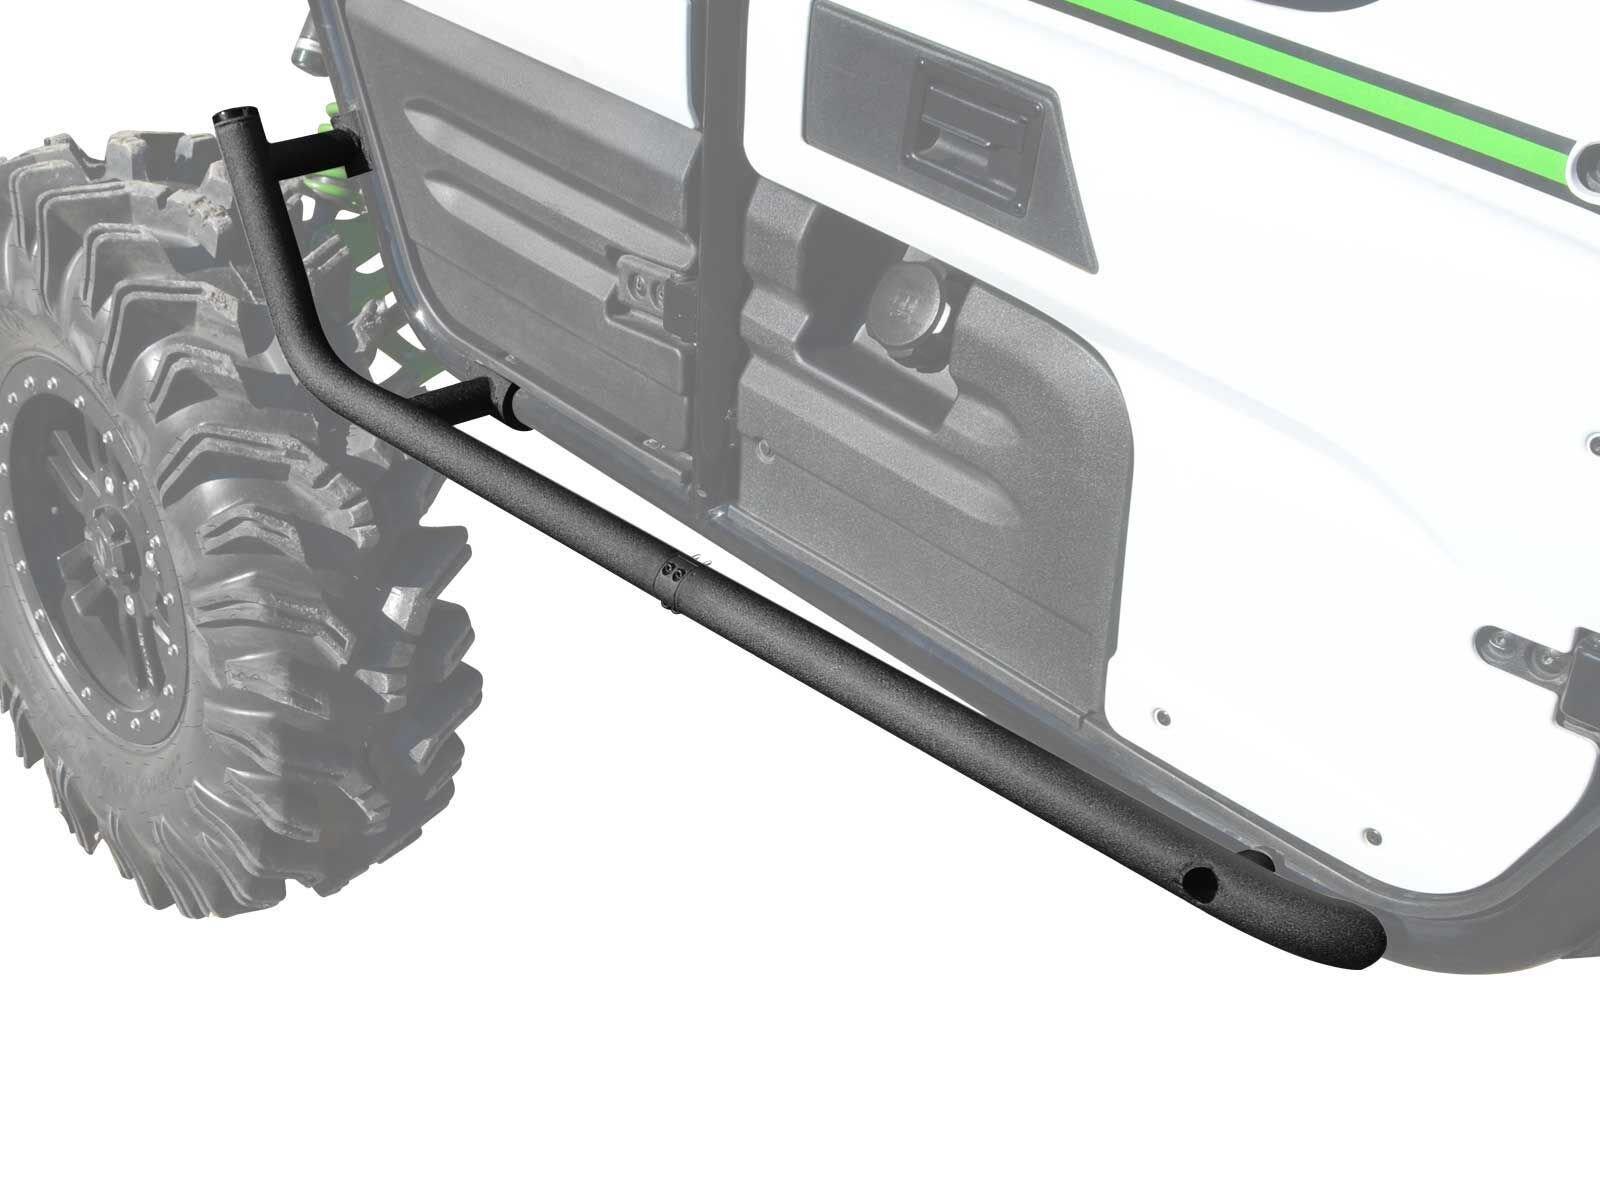 SuperATV Kawasaki Teryx 4 (2012-2016) Heavy Duty Nerf Bars / Tree Kickers / Rock Sliders